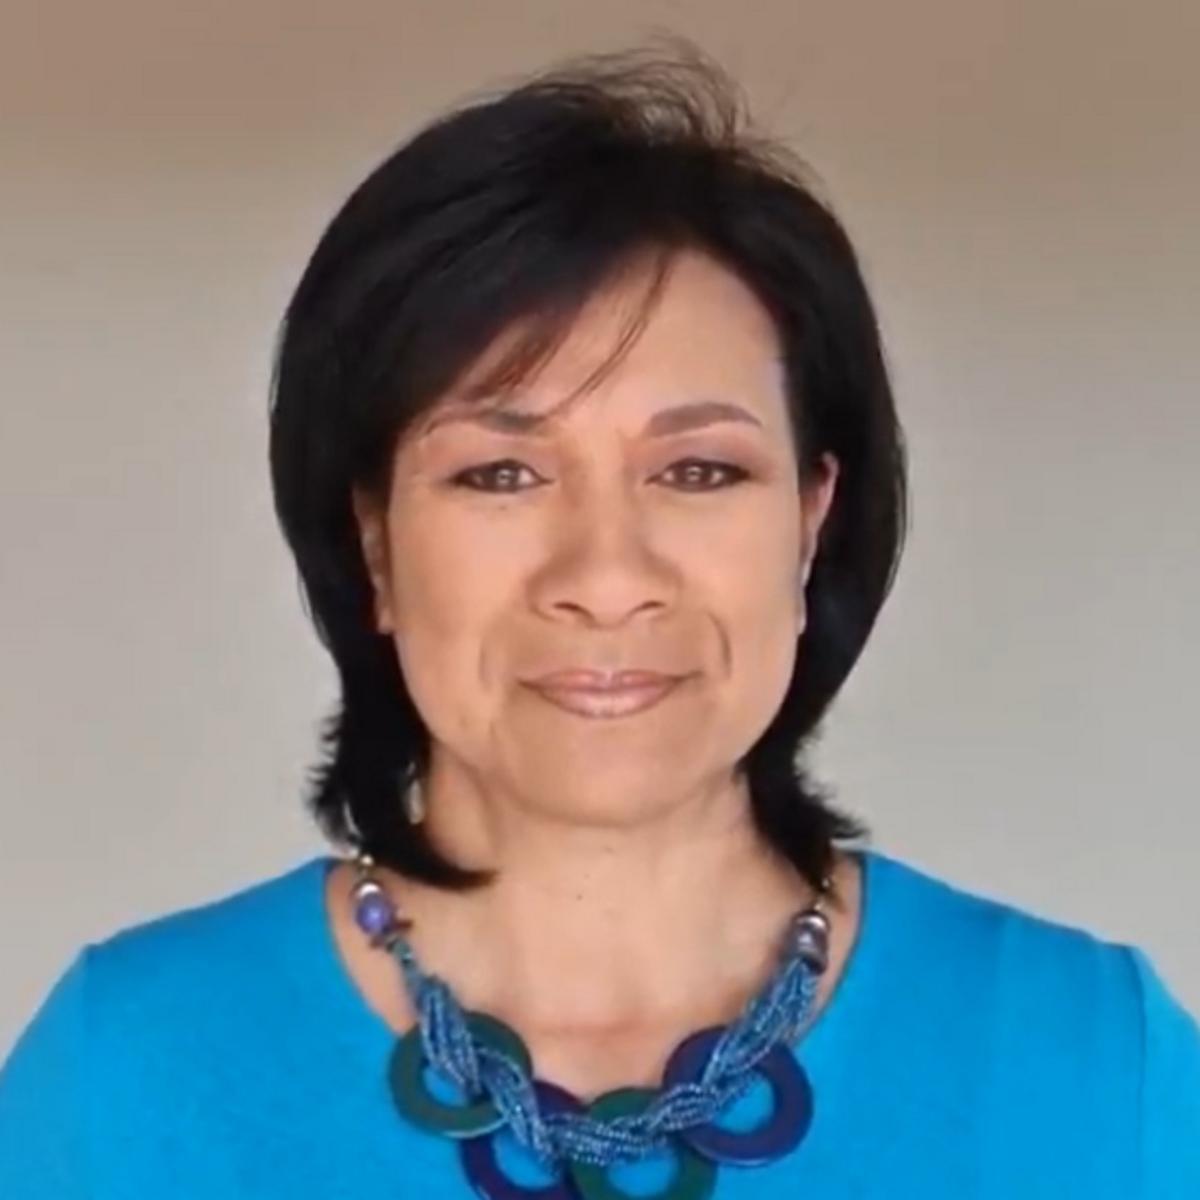 Adele Wi Repa